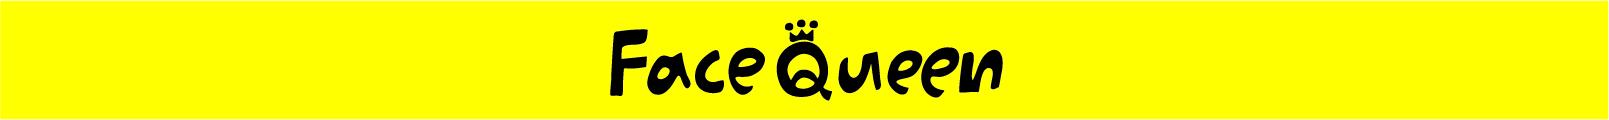 Face Queen